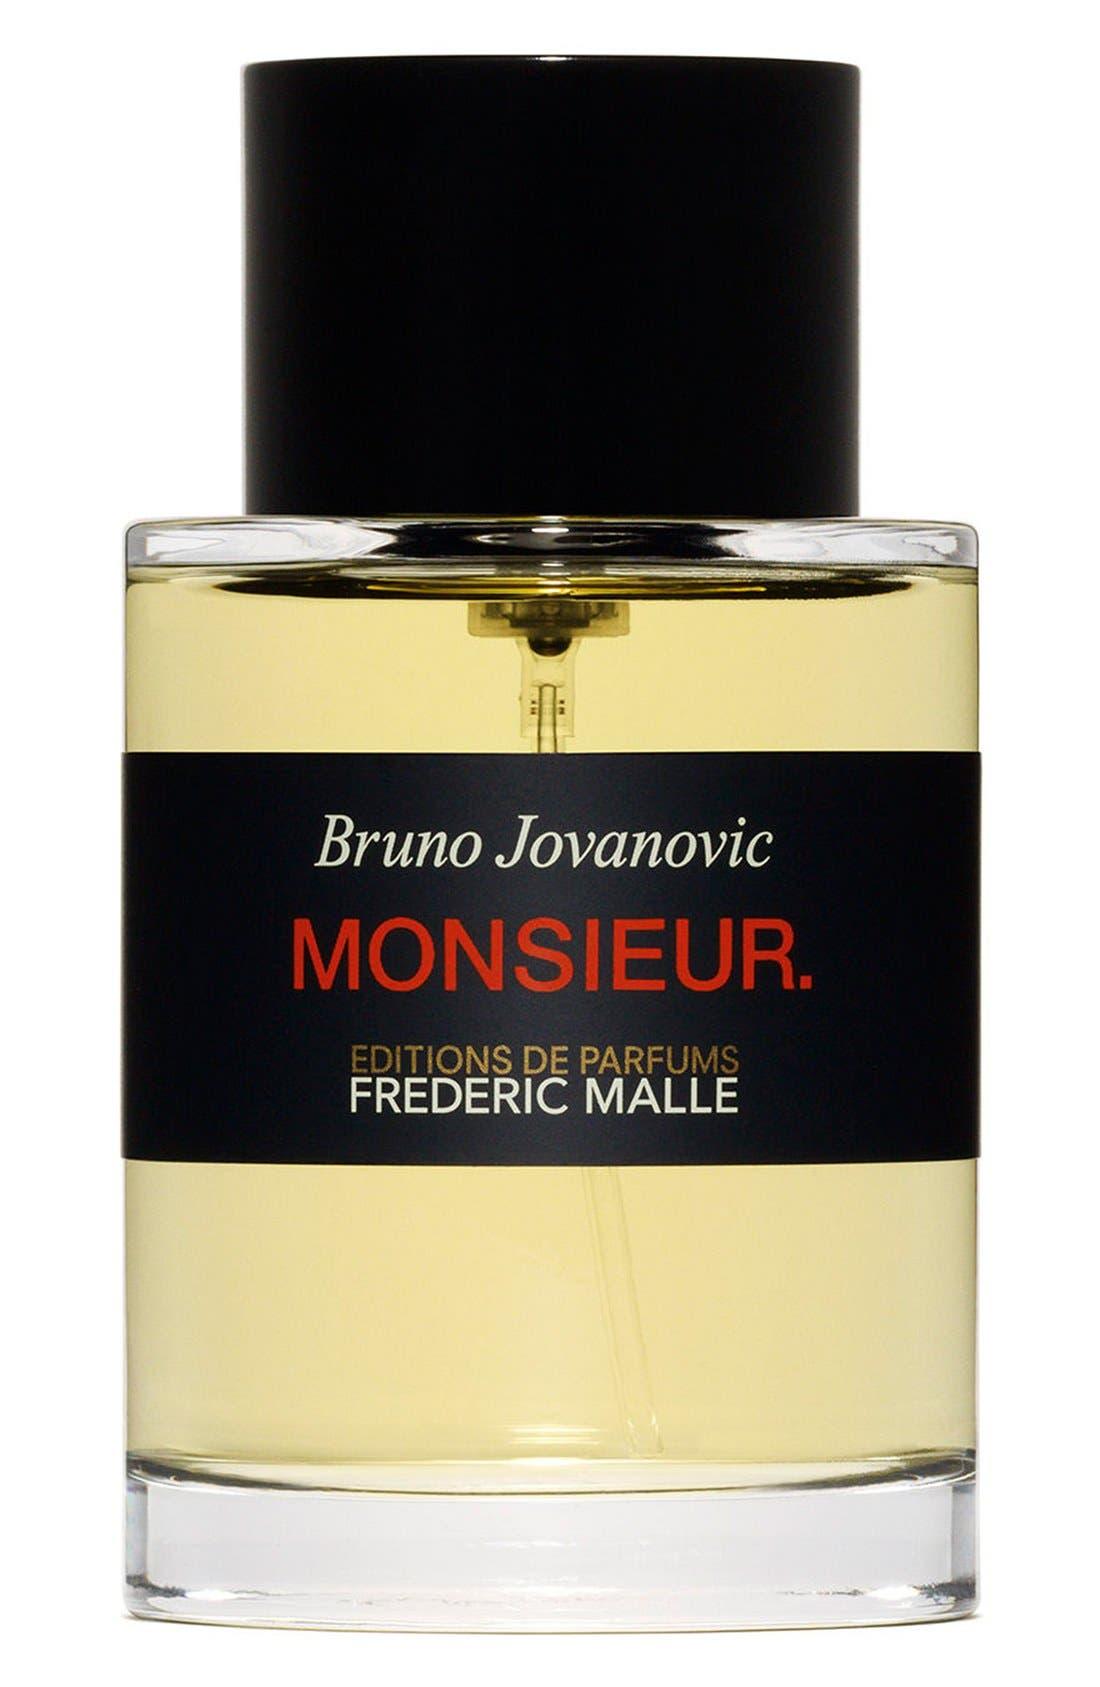 Editions de Parfums Frédéric Malle Monsieur Fragrance Spray